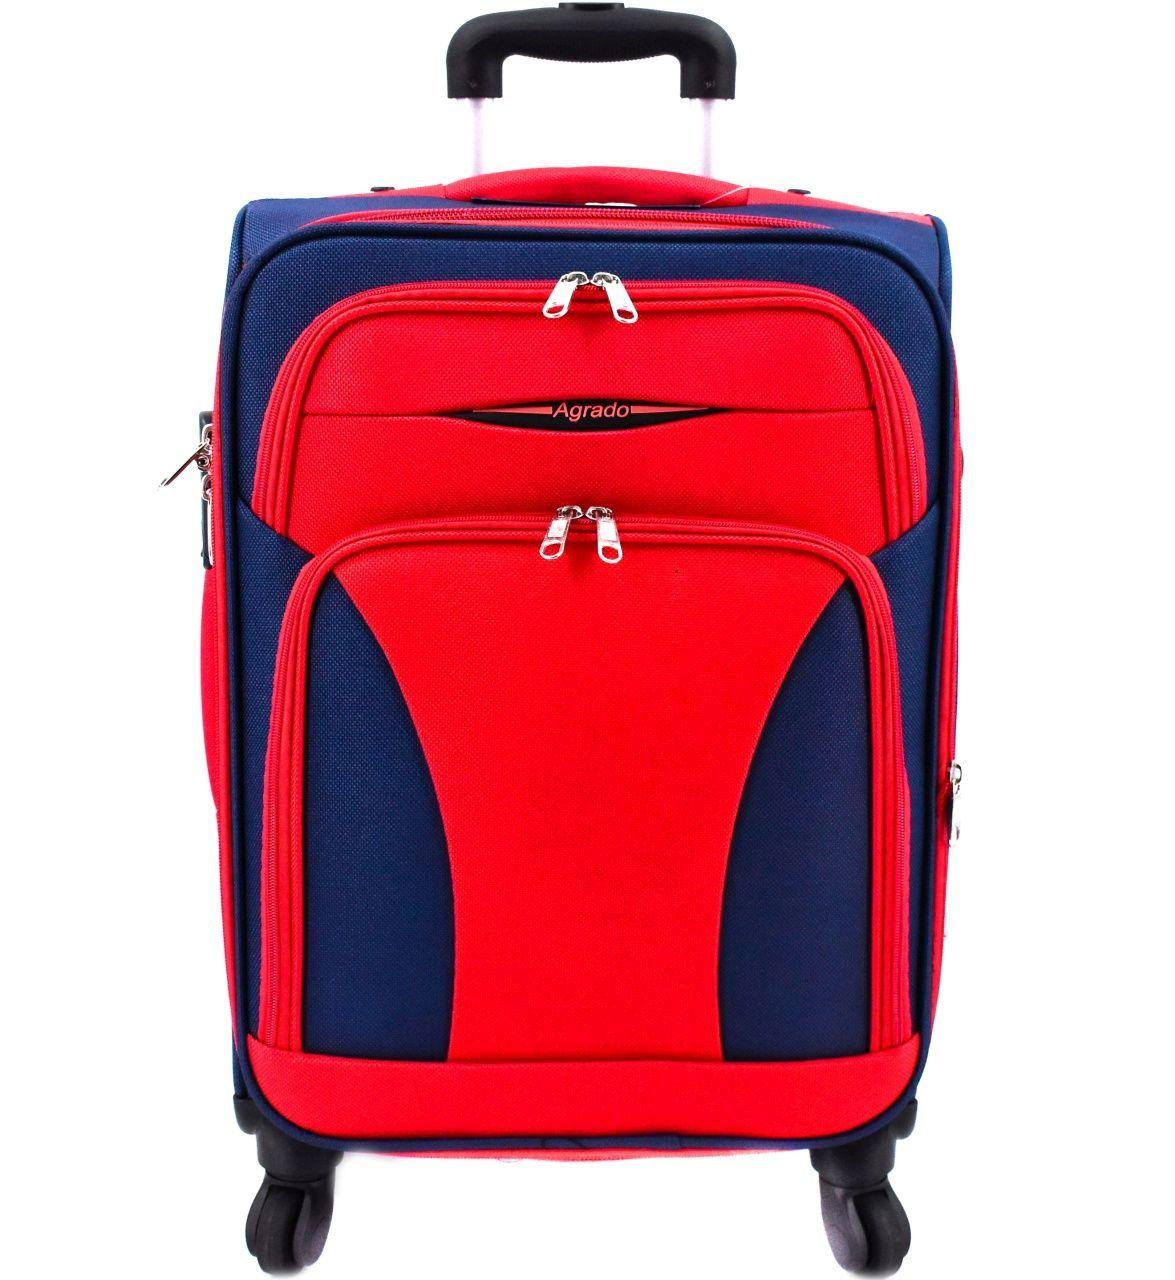 Cestovní textilní kufr na čtyřech kolečkách Agrado (S) 45l - modrá/červená 8021 (S)